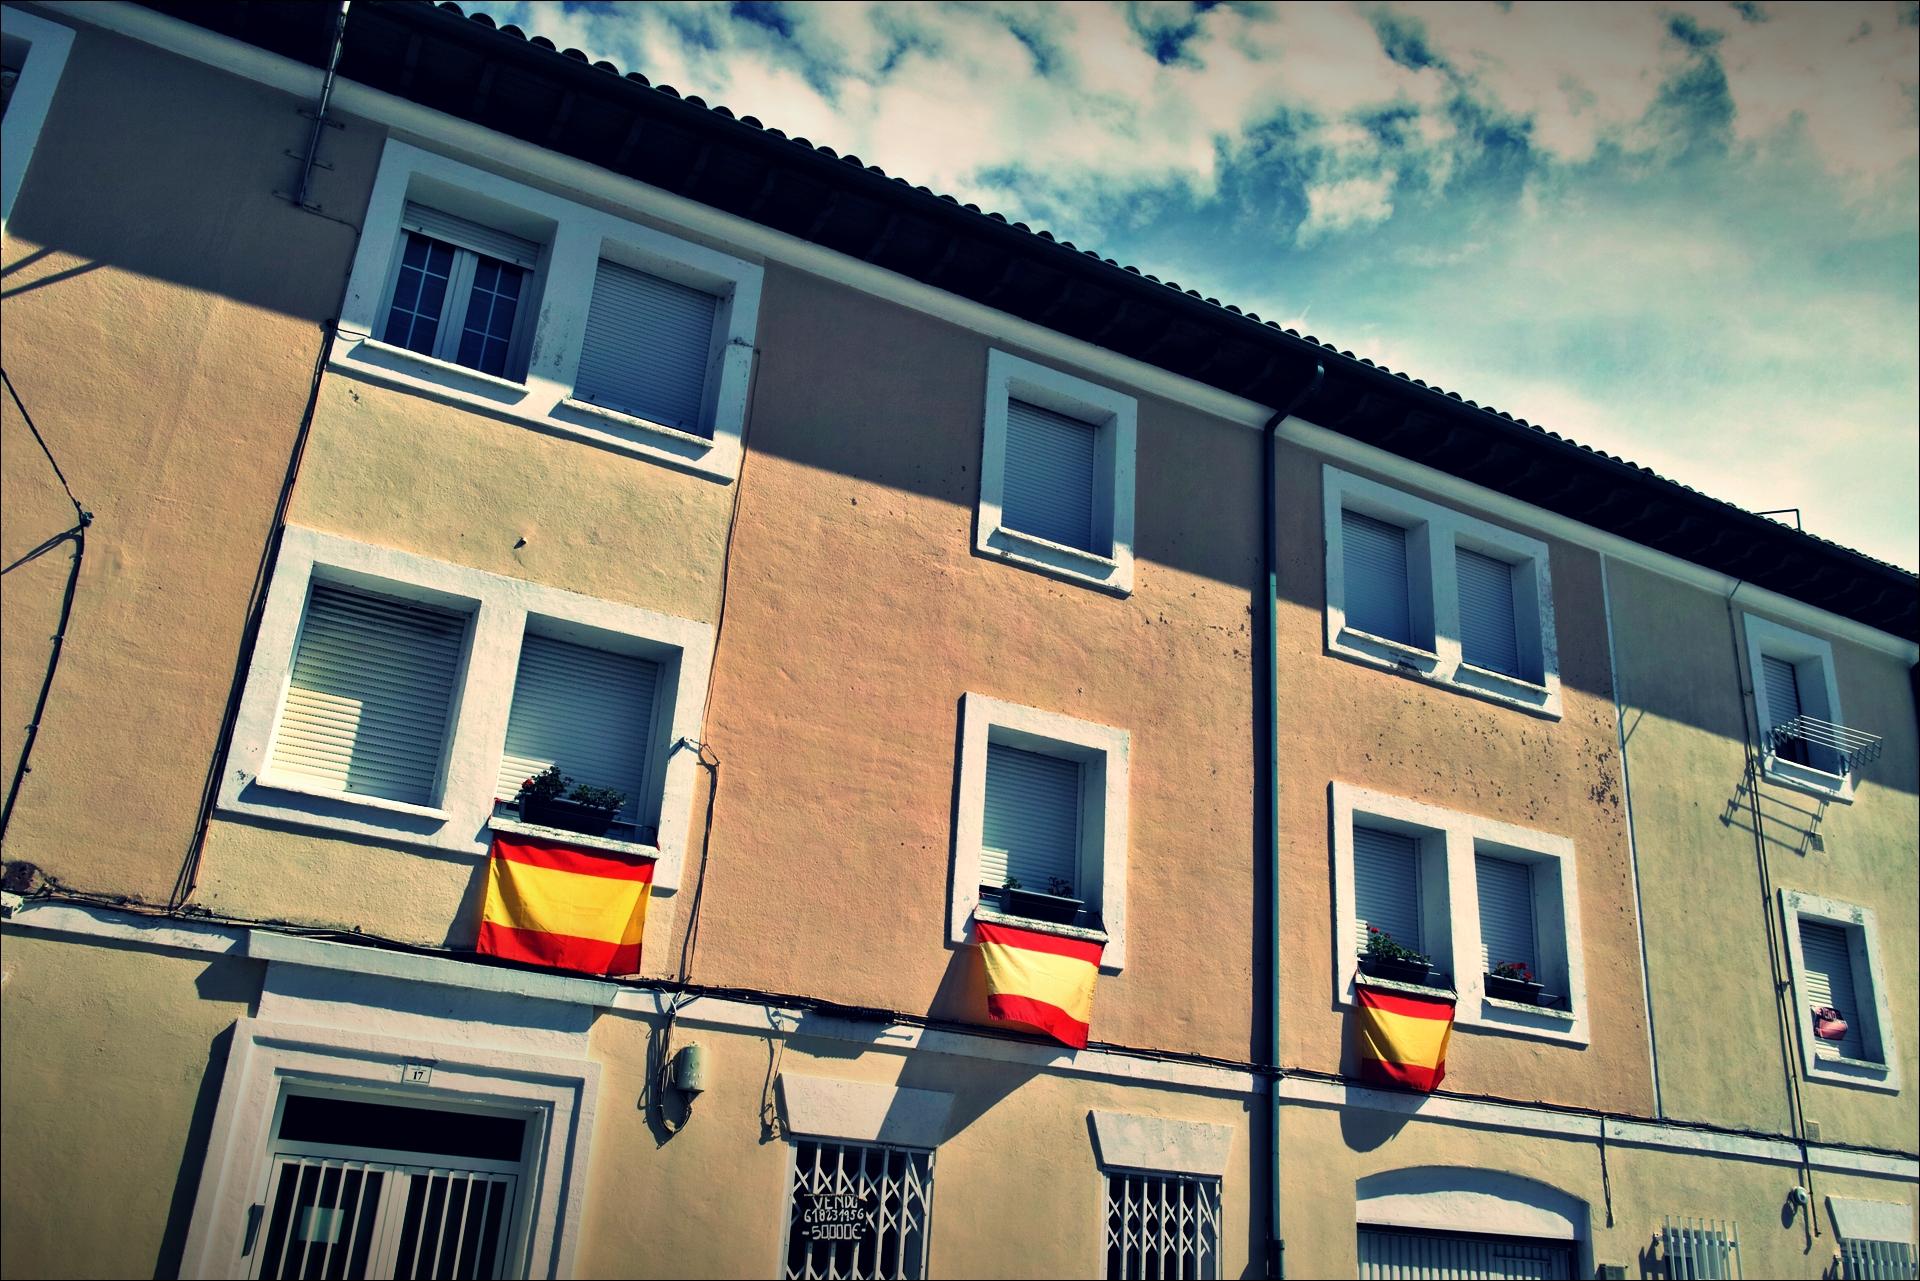 스페인 국기-'카미노 데 산티아고 북쪽길. 리엔도에서 산토냐. (Camino del Norte - Liendo to Santoña) '